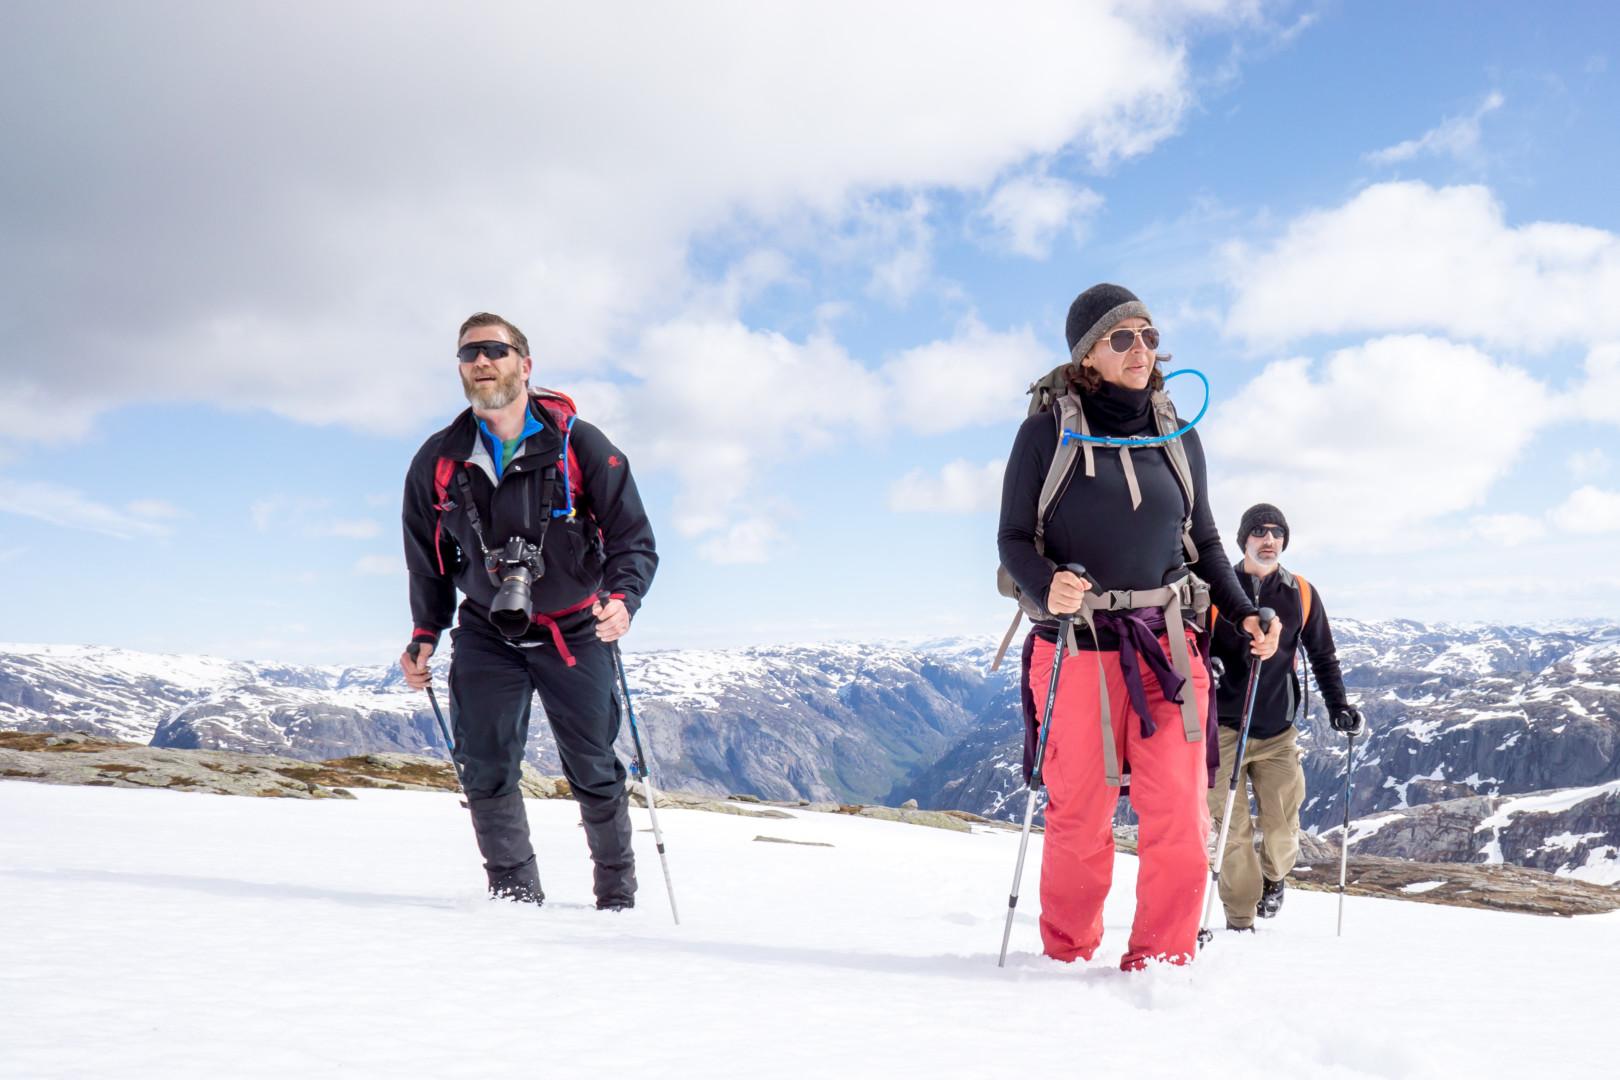 kjerag-boulder-norway-winter-easter-adventure